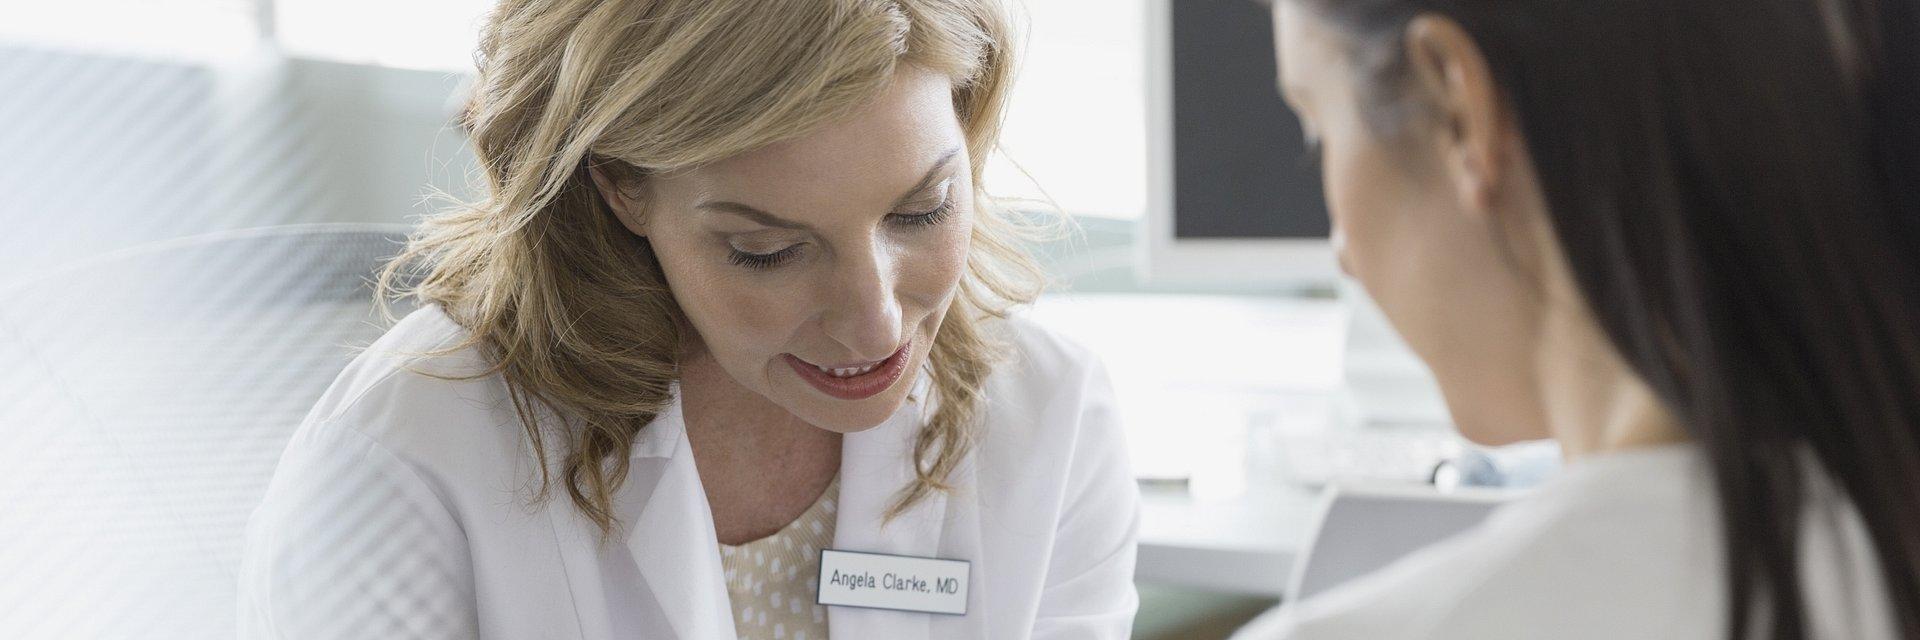 Od pre-diagnozy do powrotu do zdrowia – Nationale-Nederlanden kompleksowo zadba o zdrowie ubezpieczonych